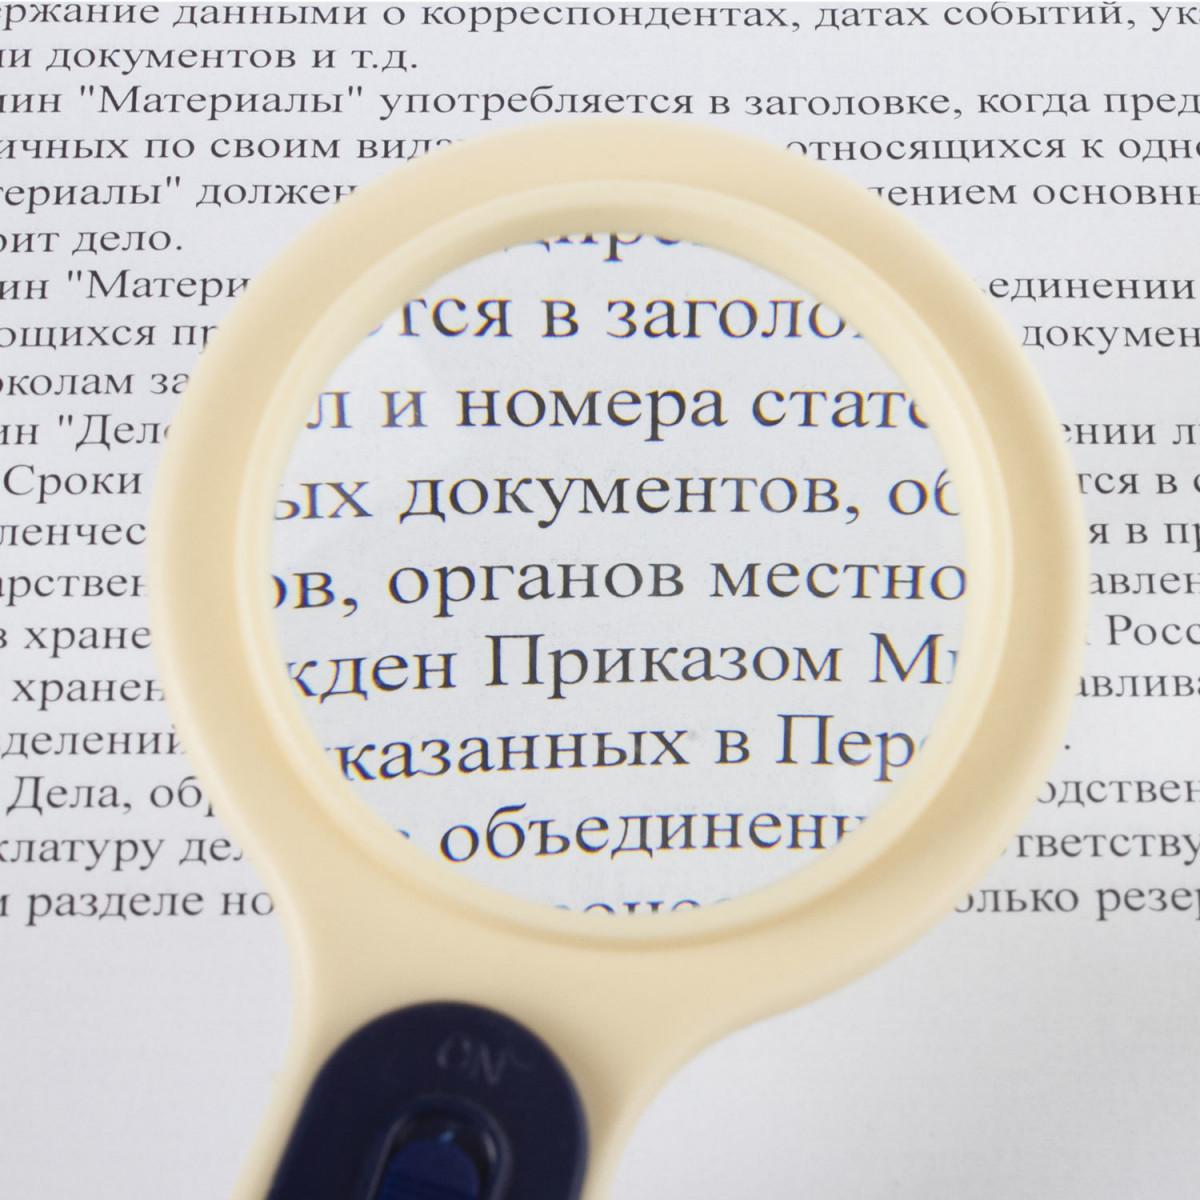 """Лупа просмотровая STAFF """"Manager"""", С ПОДСВЕТКОЙ, диаметр 60 мм, увеличение 4, корпус сине-бежевый, 454126 (арт. 454126)"""